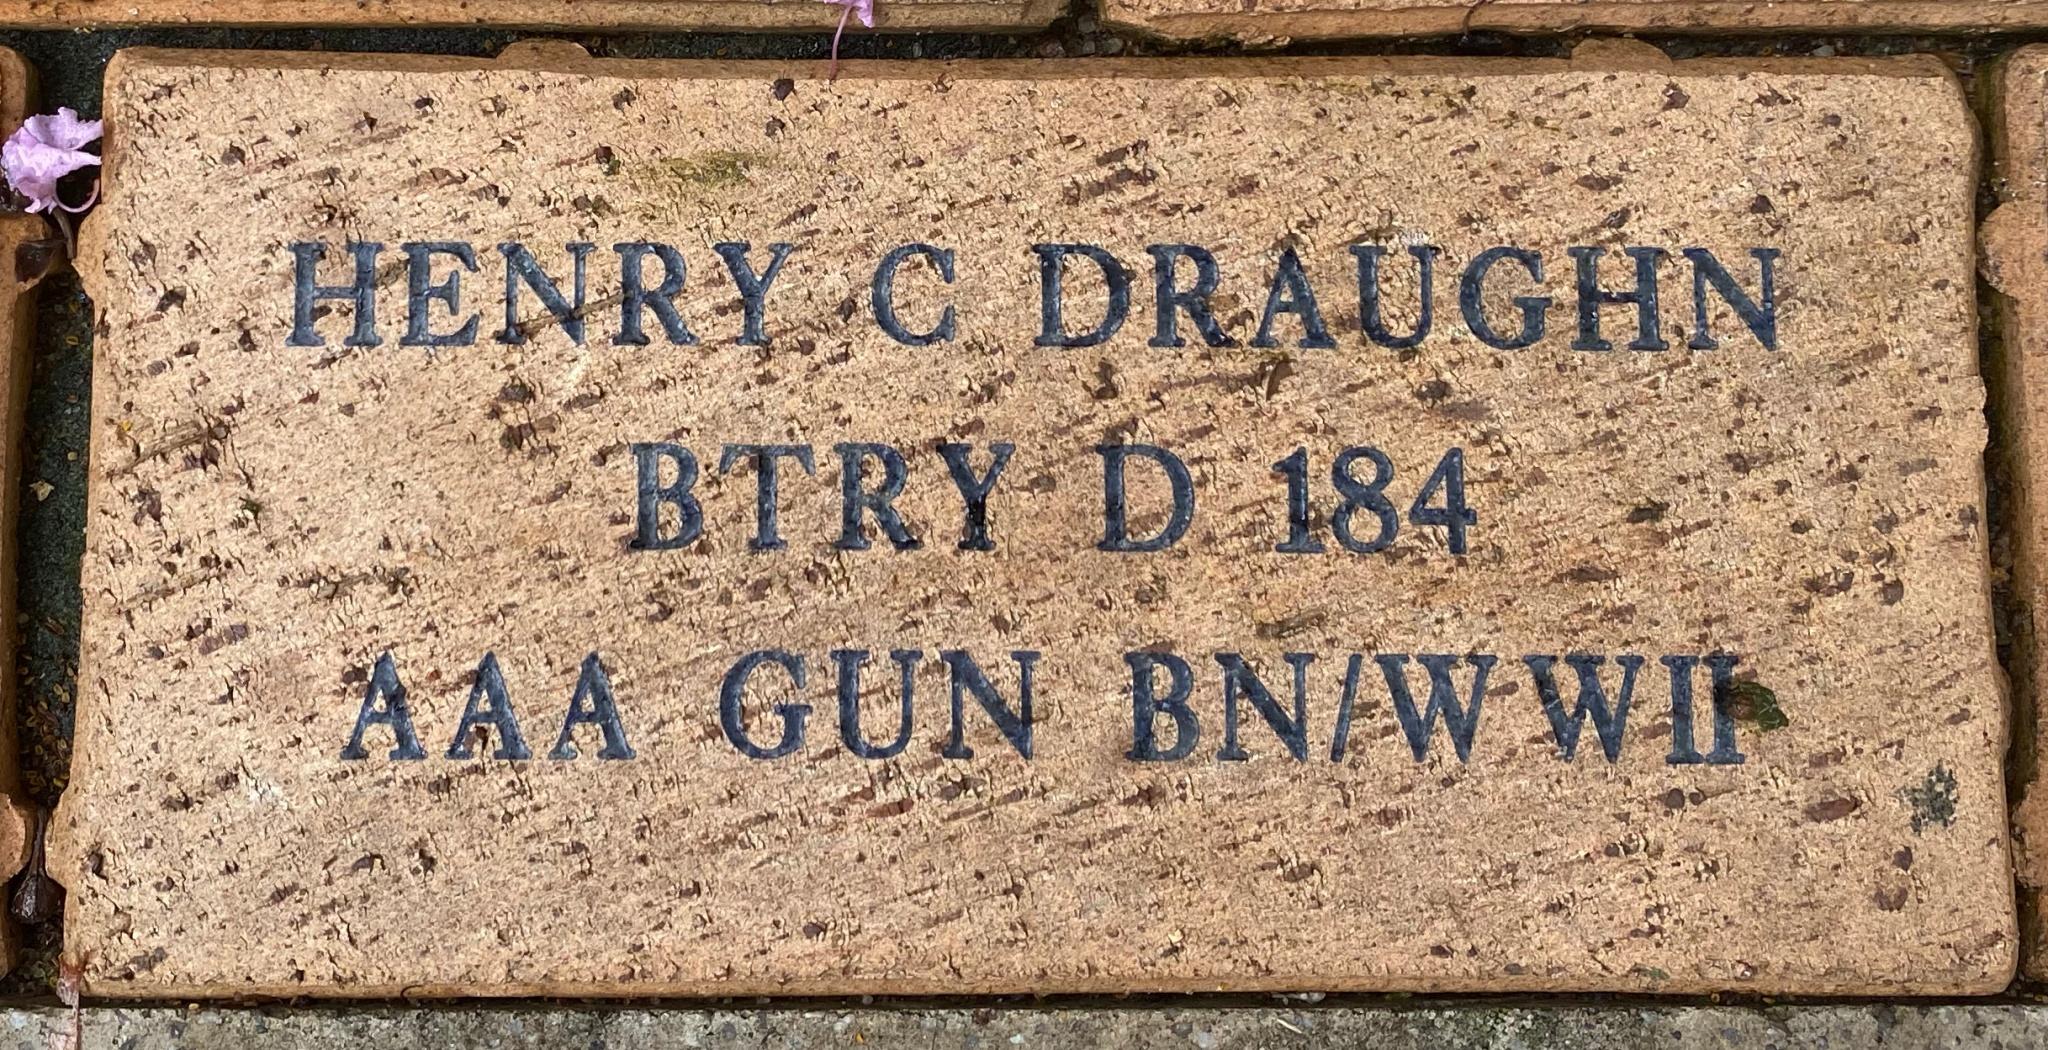 HENRY C DRAUGHN BTRY D 184 AAA GUN BN/WWII